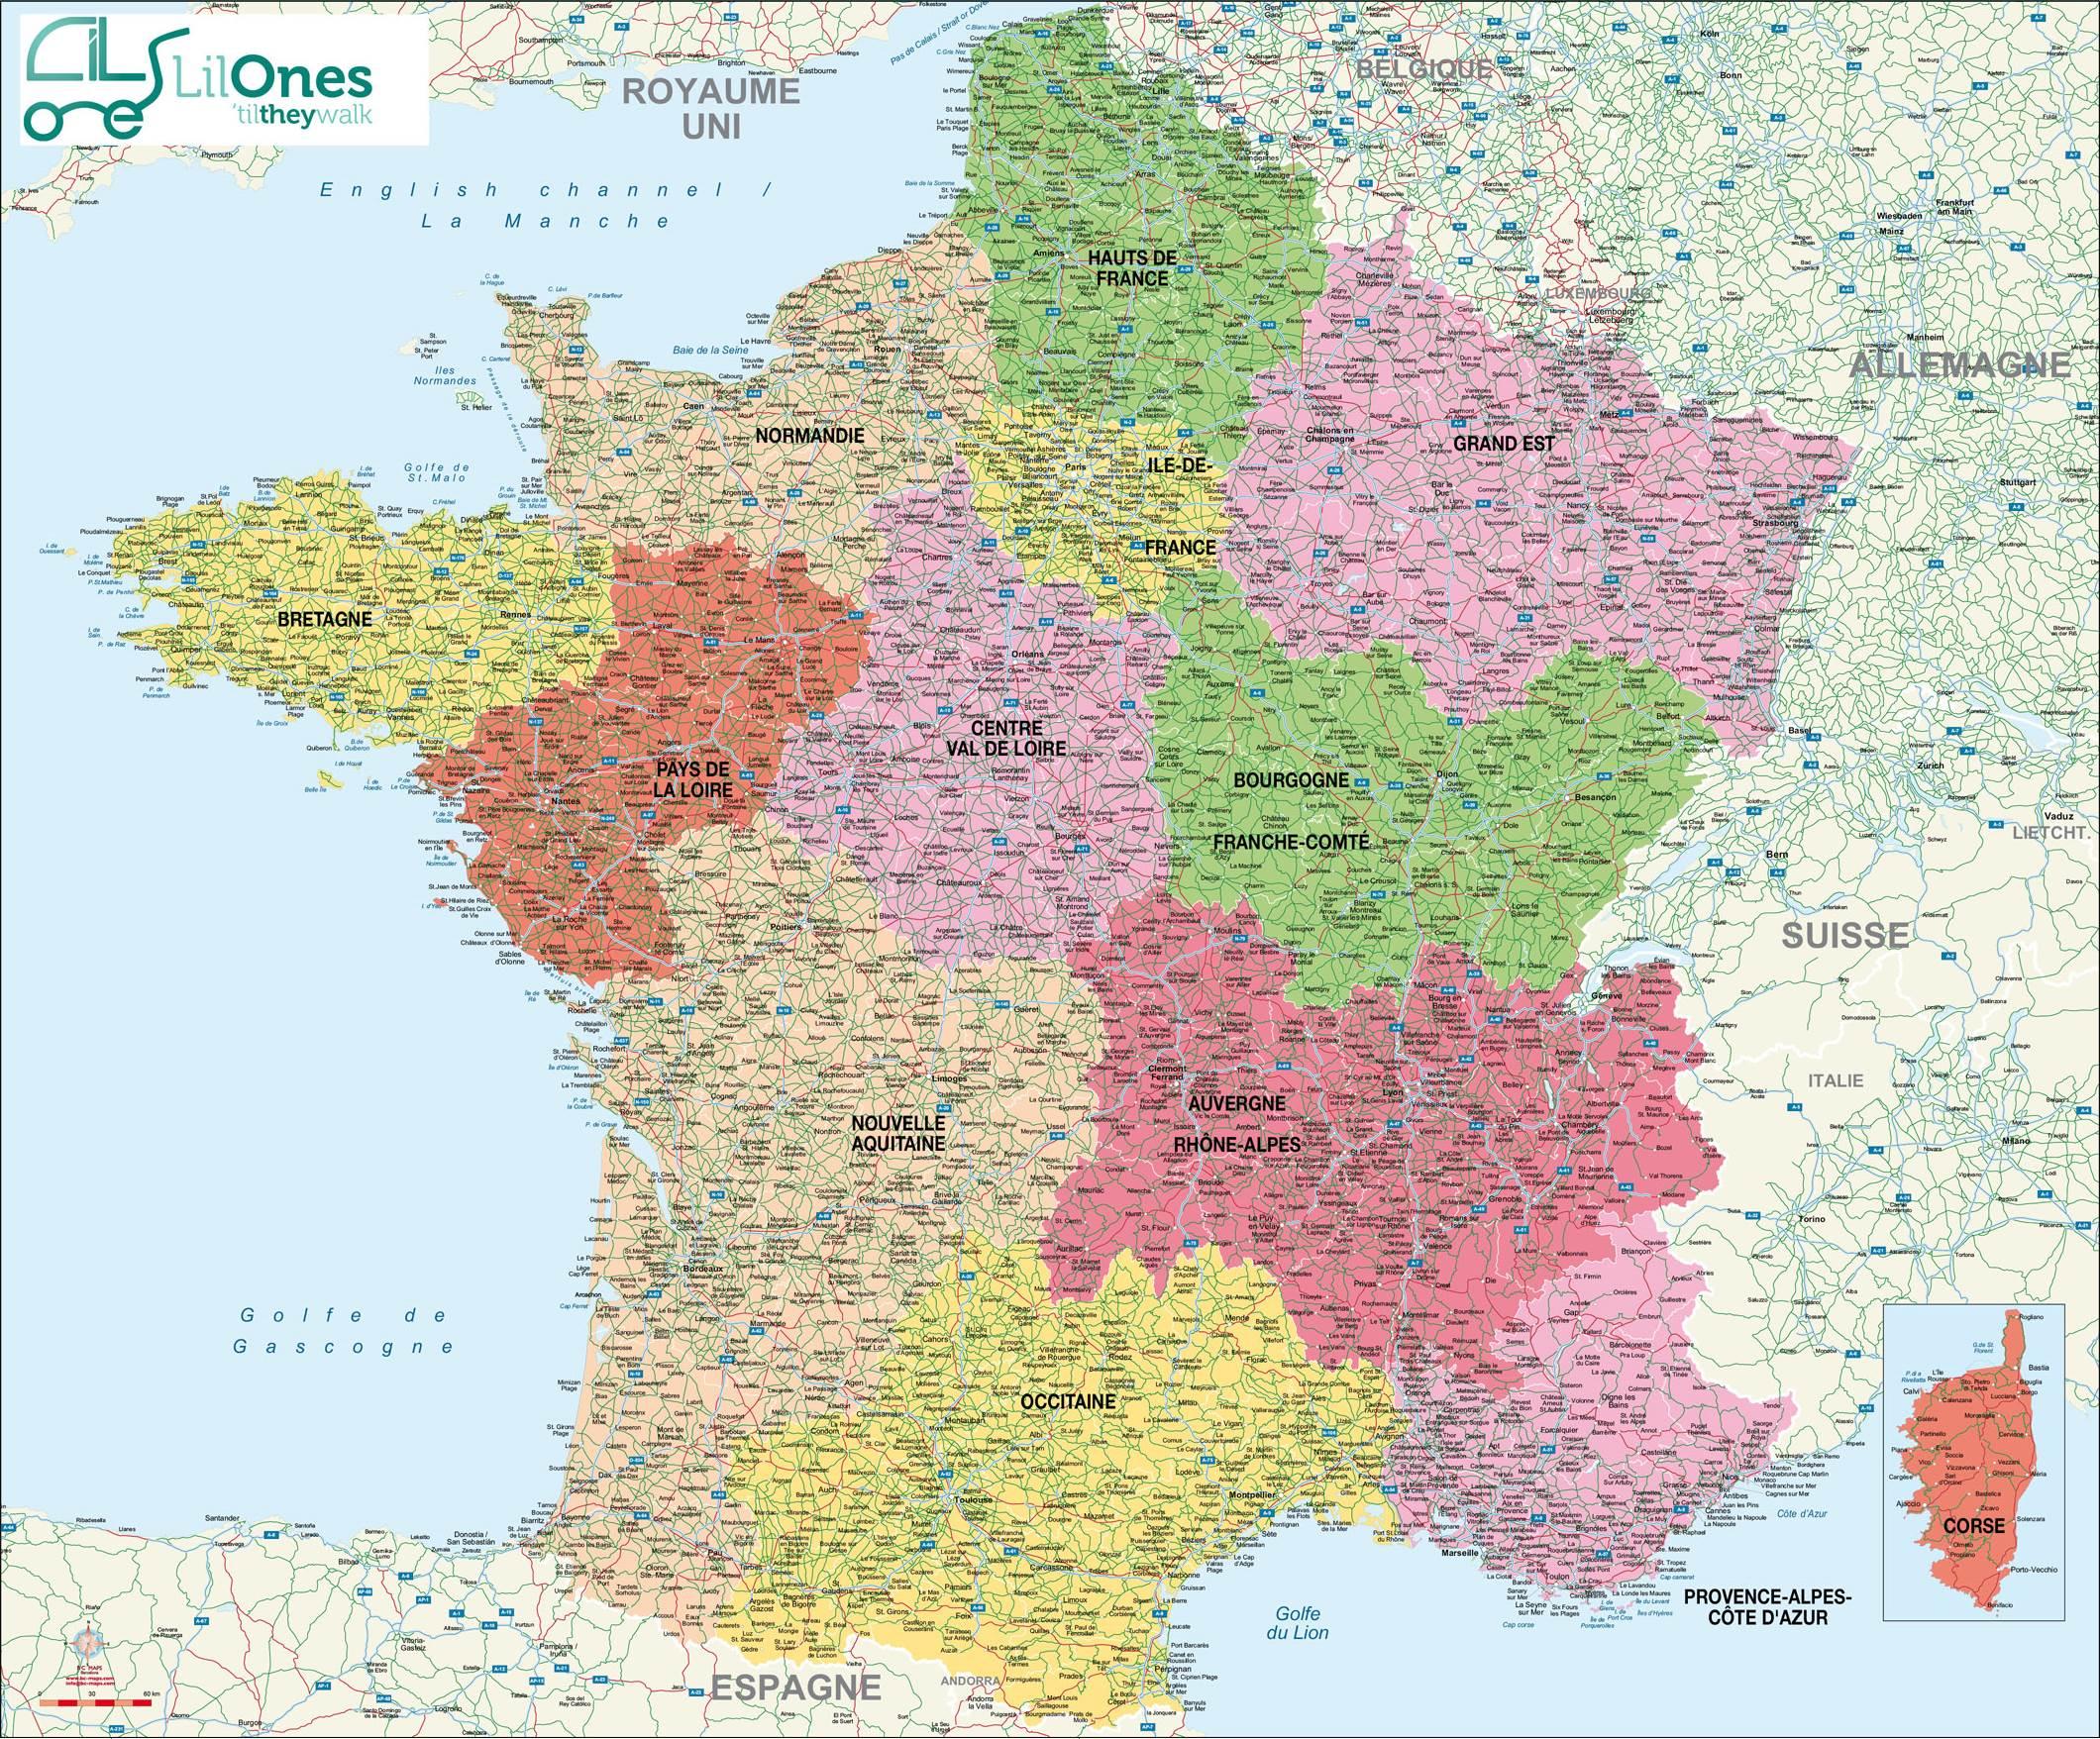 Carte France Villes : Carte Des Villes De France pour Carte France Principales Villes